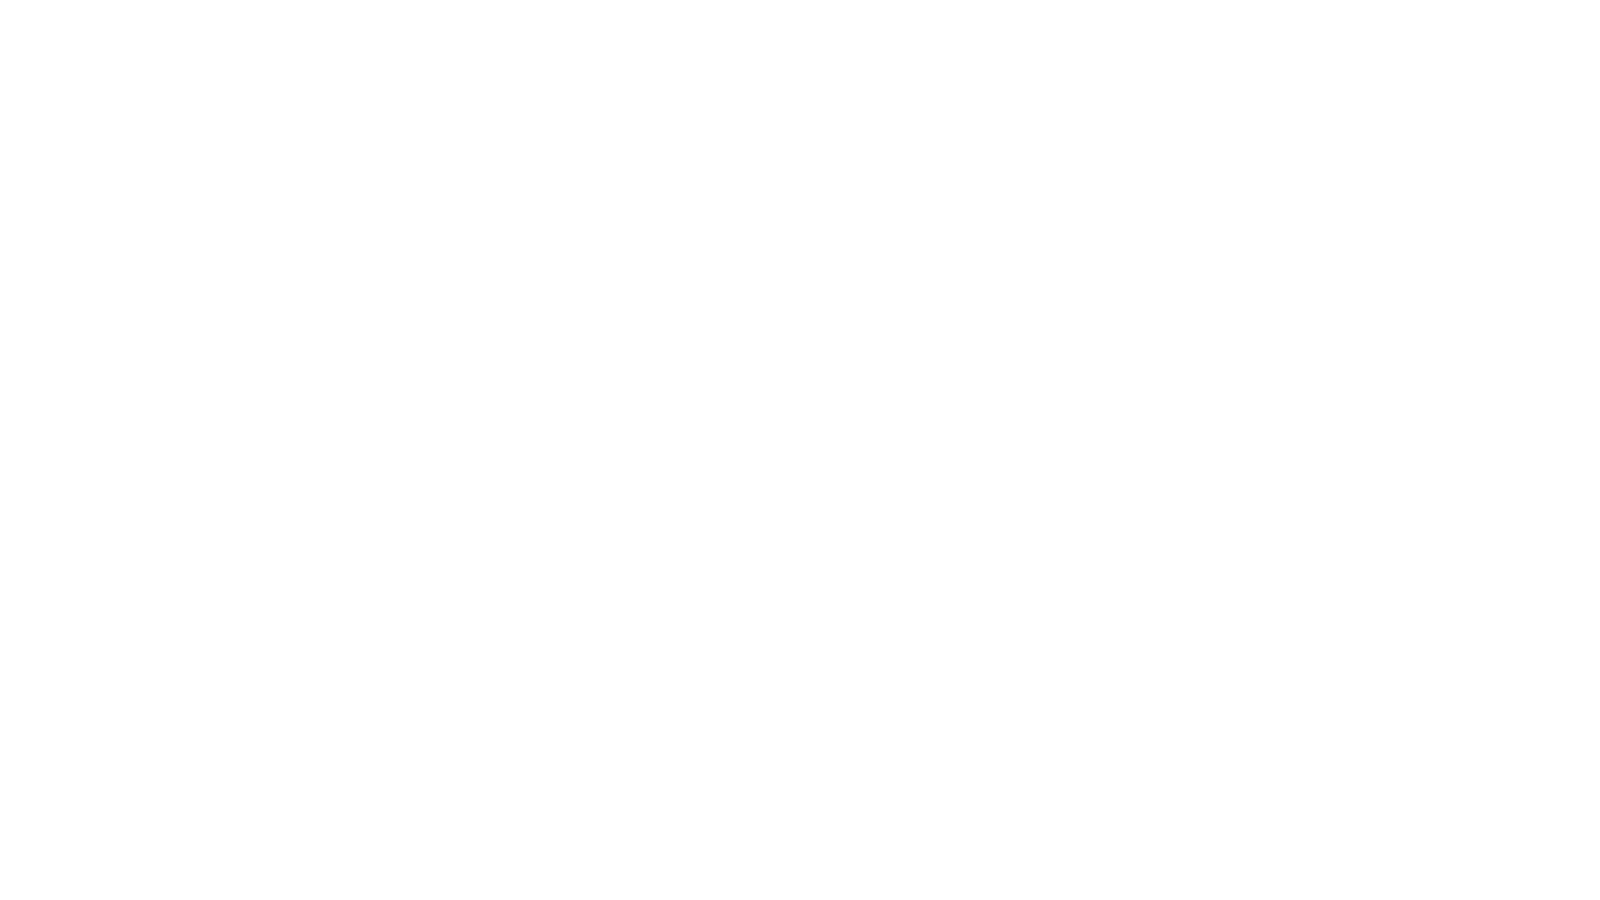 Haluaisitko merelle kalastamaan, bongailemaan hylkeitä ja merilintuja? Vai lähtisitkö retkelle Kallan saarelle tai Hailuotoon? Upouusi DMS Matilda kuljettaa sinut ja ryhmäsi nauttimaan merestä. Soita ja varaa 040 5757469 FB: https://www.facebook.com/seakalajoki/ seakalajoki@gmail.com